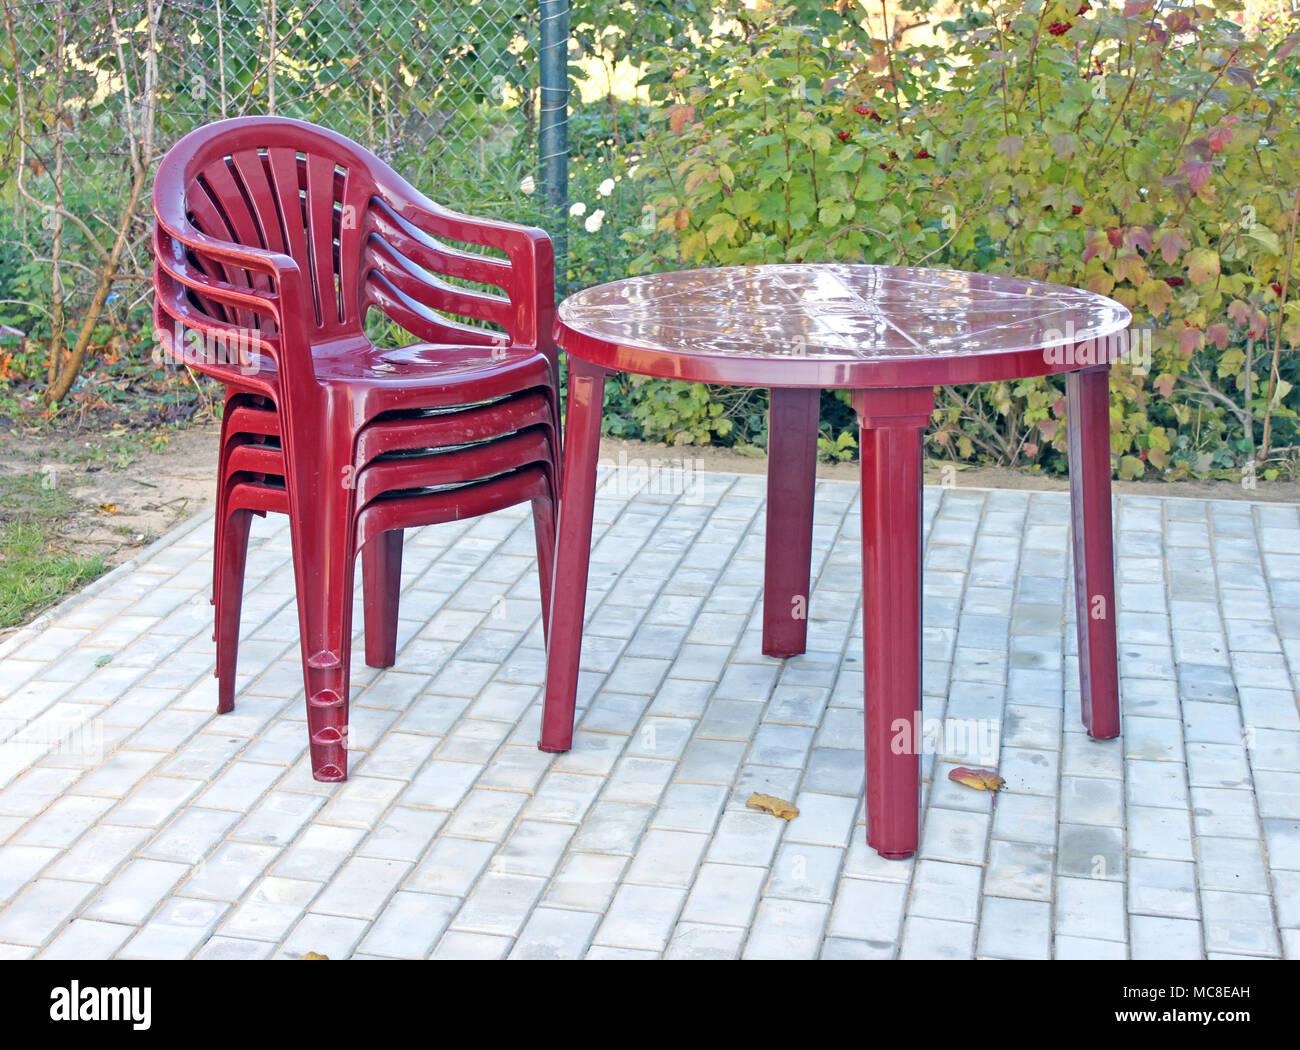 Tavolo Sedie Plastica Giardino.Un Tavolo Di Plastica E Sedie In Autunno Nel Giardino Vicino A